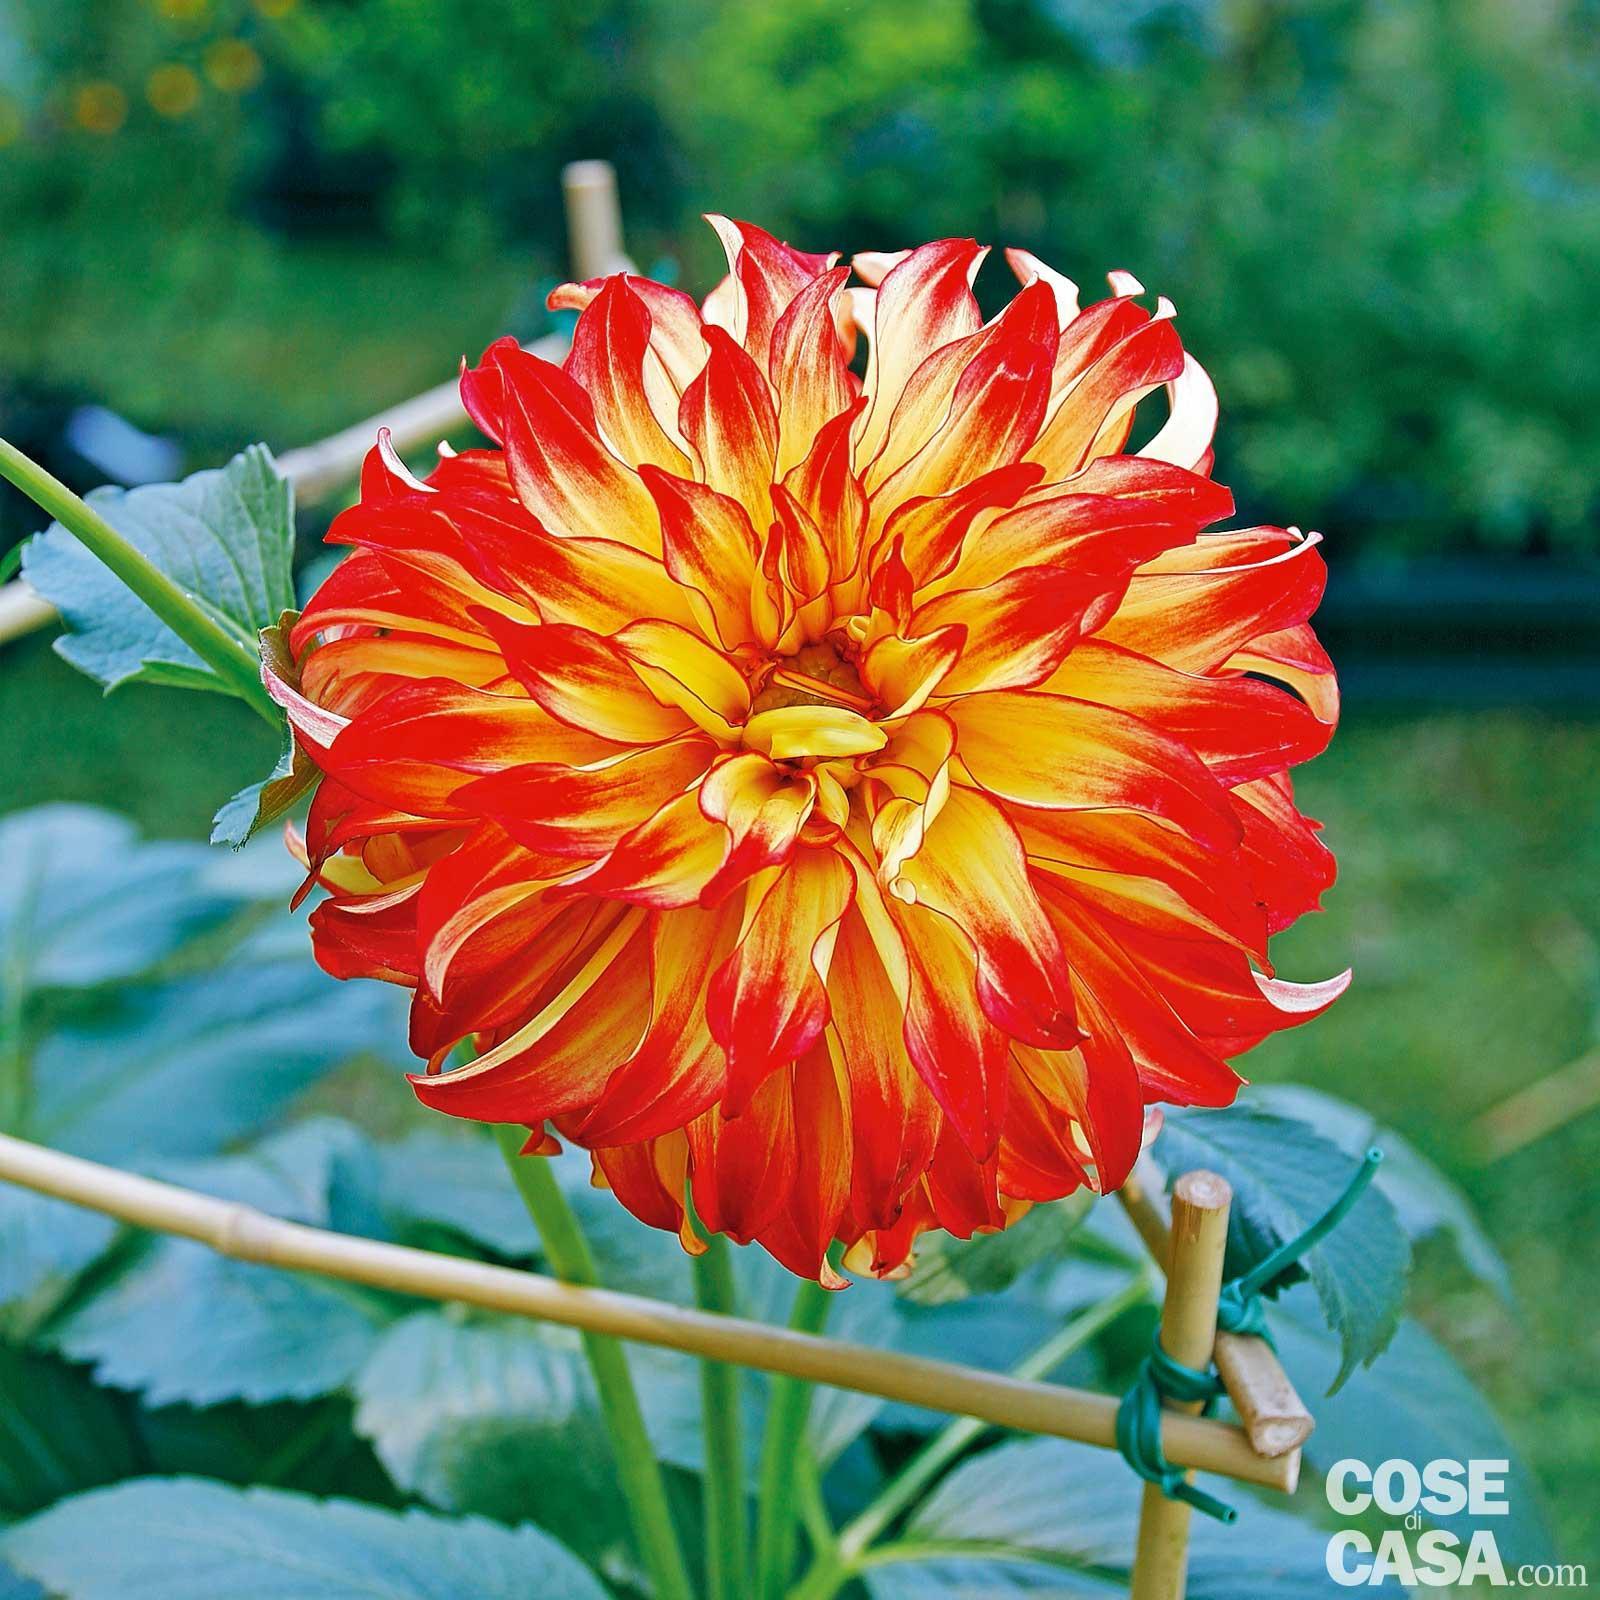 Piante Da Giardino Ombroso le più belle fioriture di ottobre in giardino - artigiano web